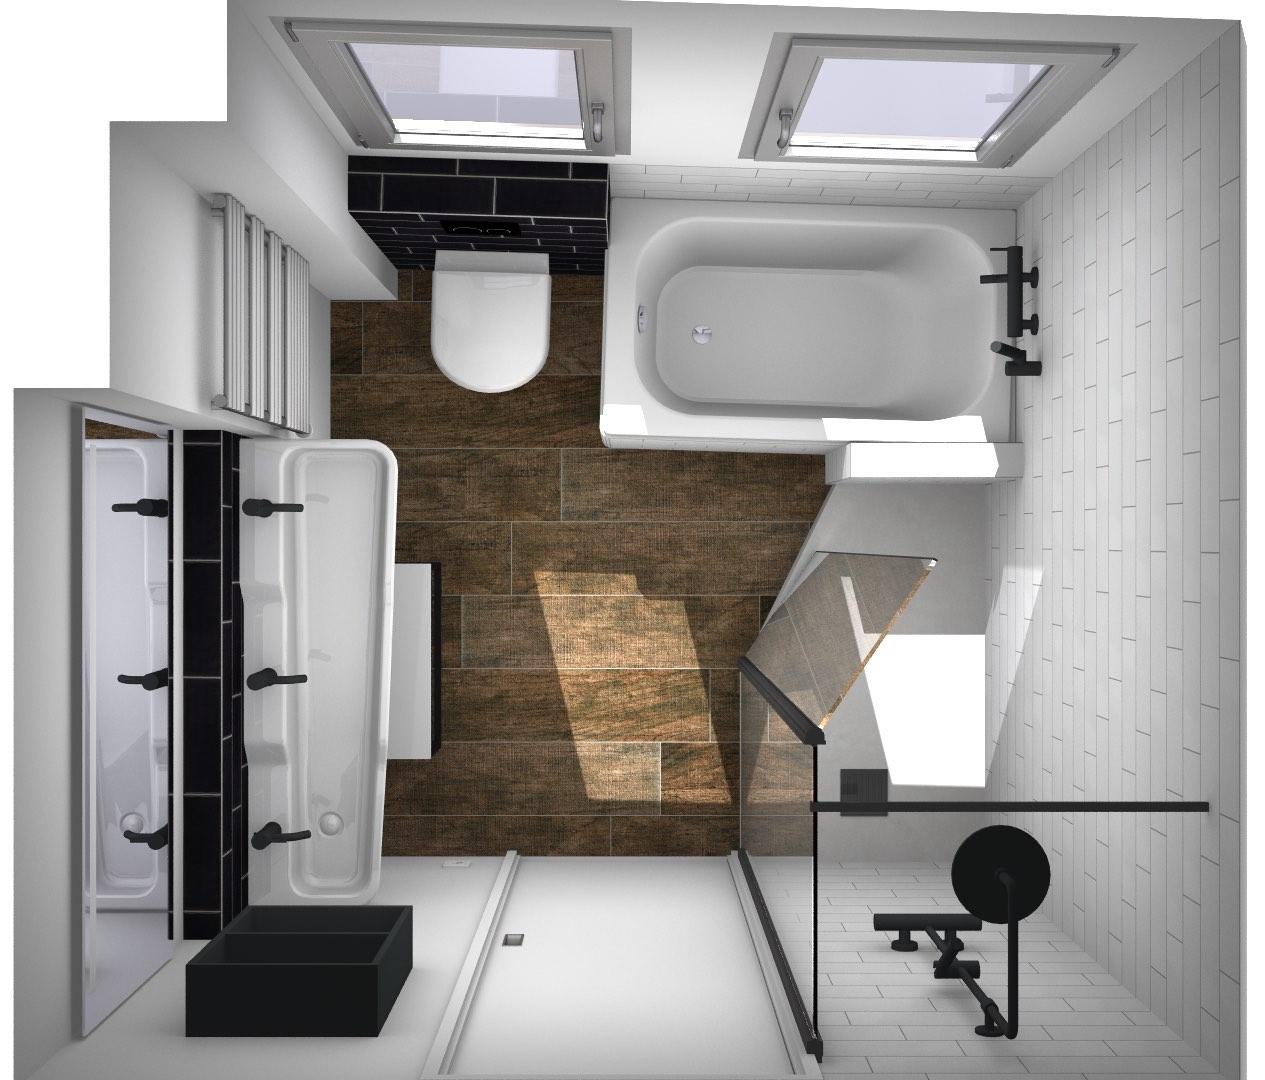 Amenagement Petite Salle De Bain Wc aménager une petite salle de bains d'enfants | styles de bain